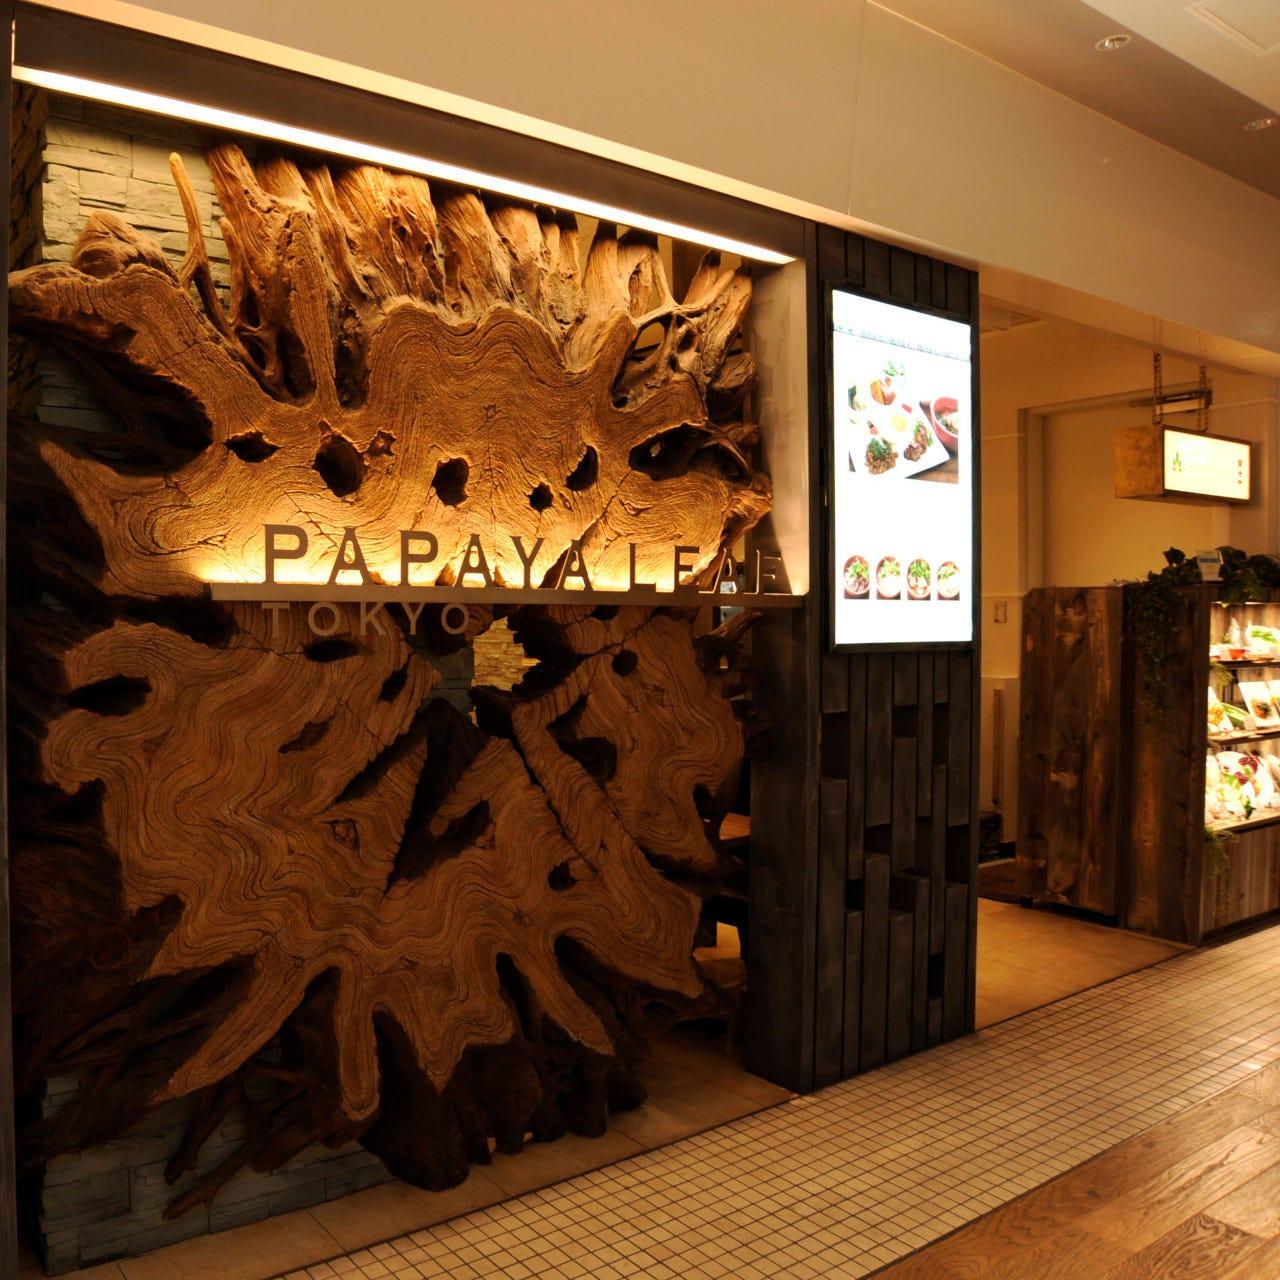 パパイヤリーフ東京 渋谷ヒカリエ店